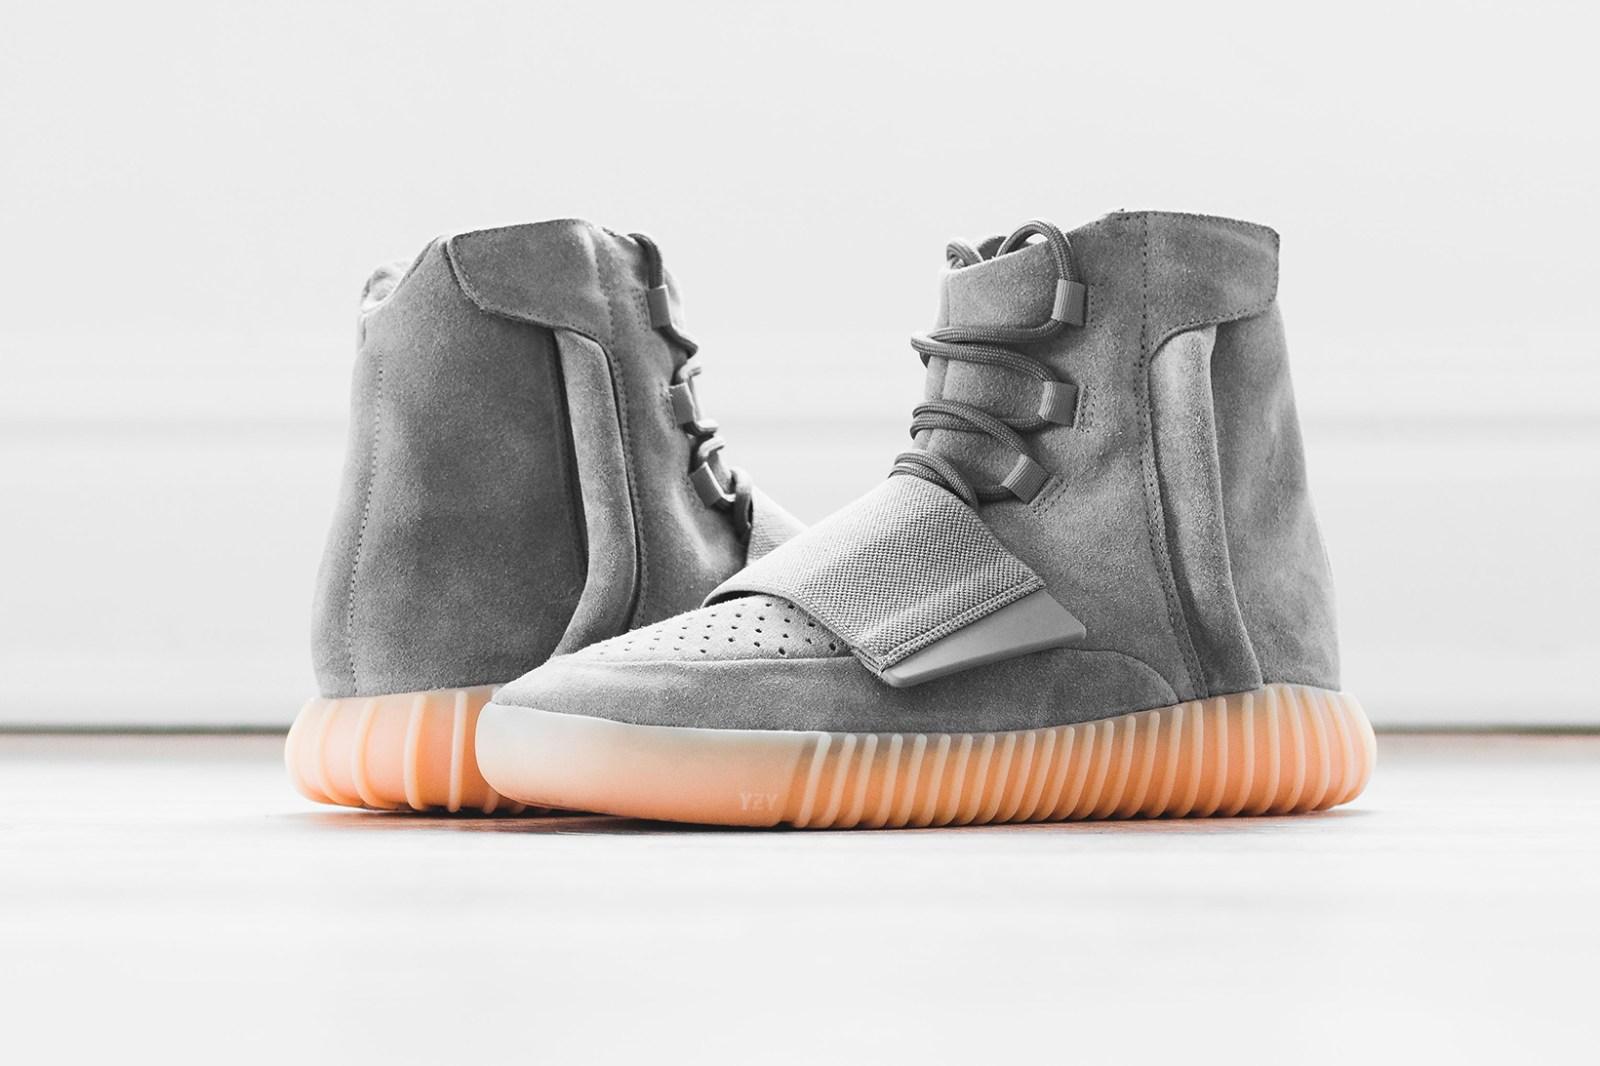 adidas-yeezy-boost-750-grey-gum-100